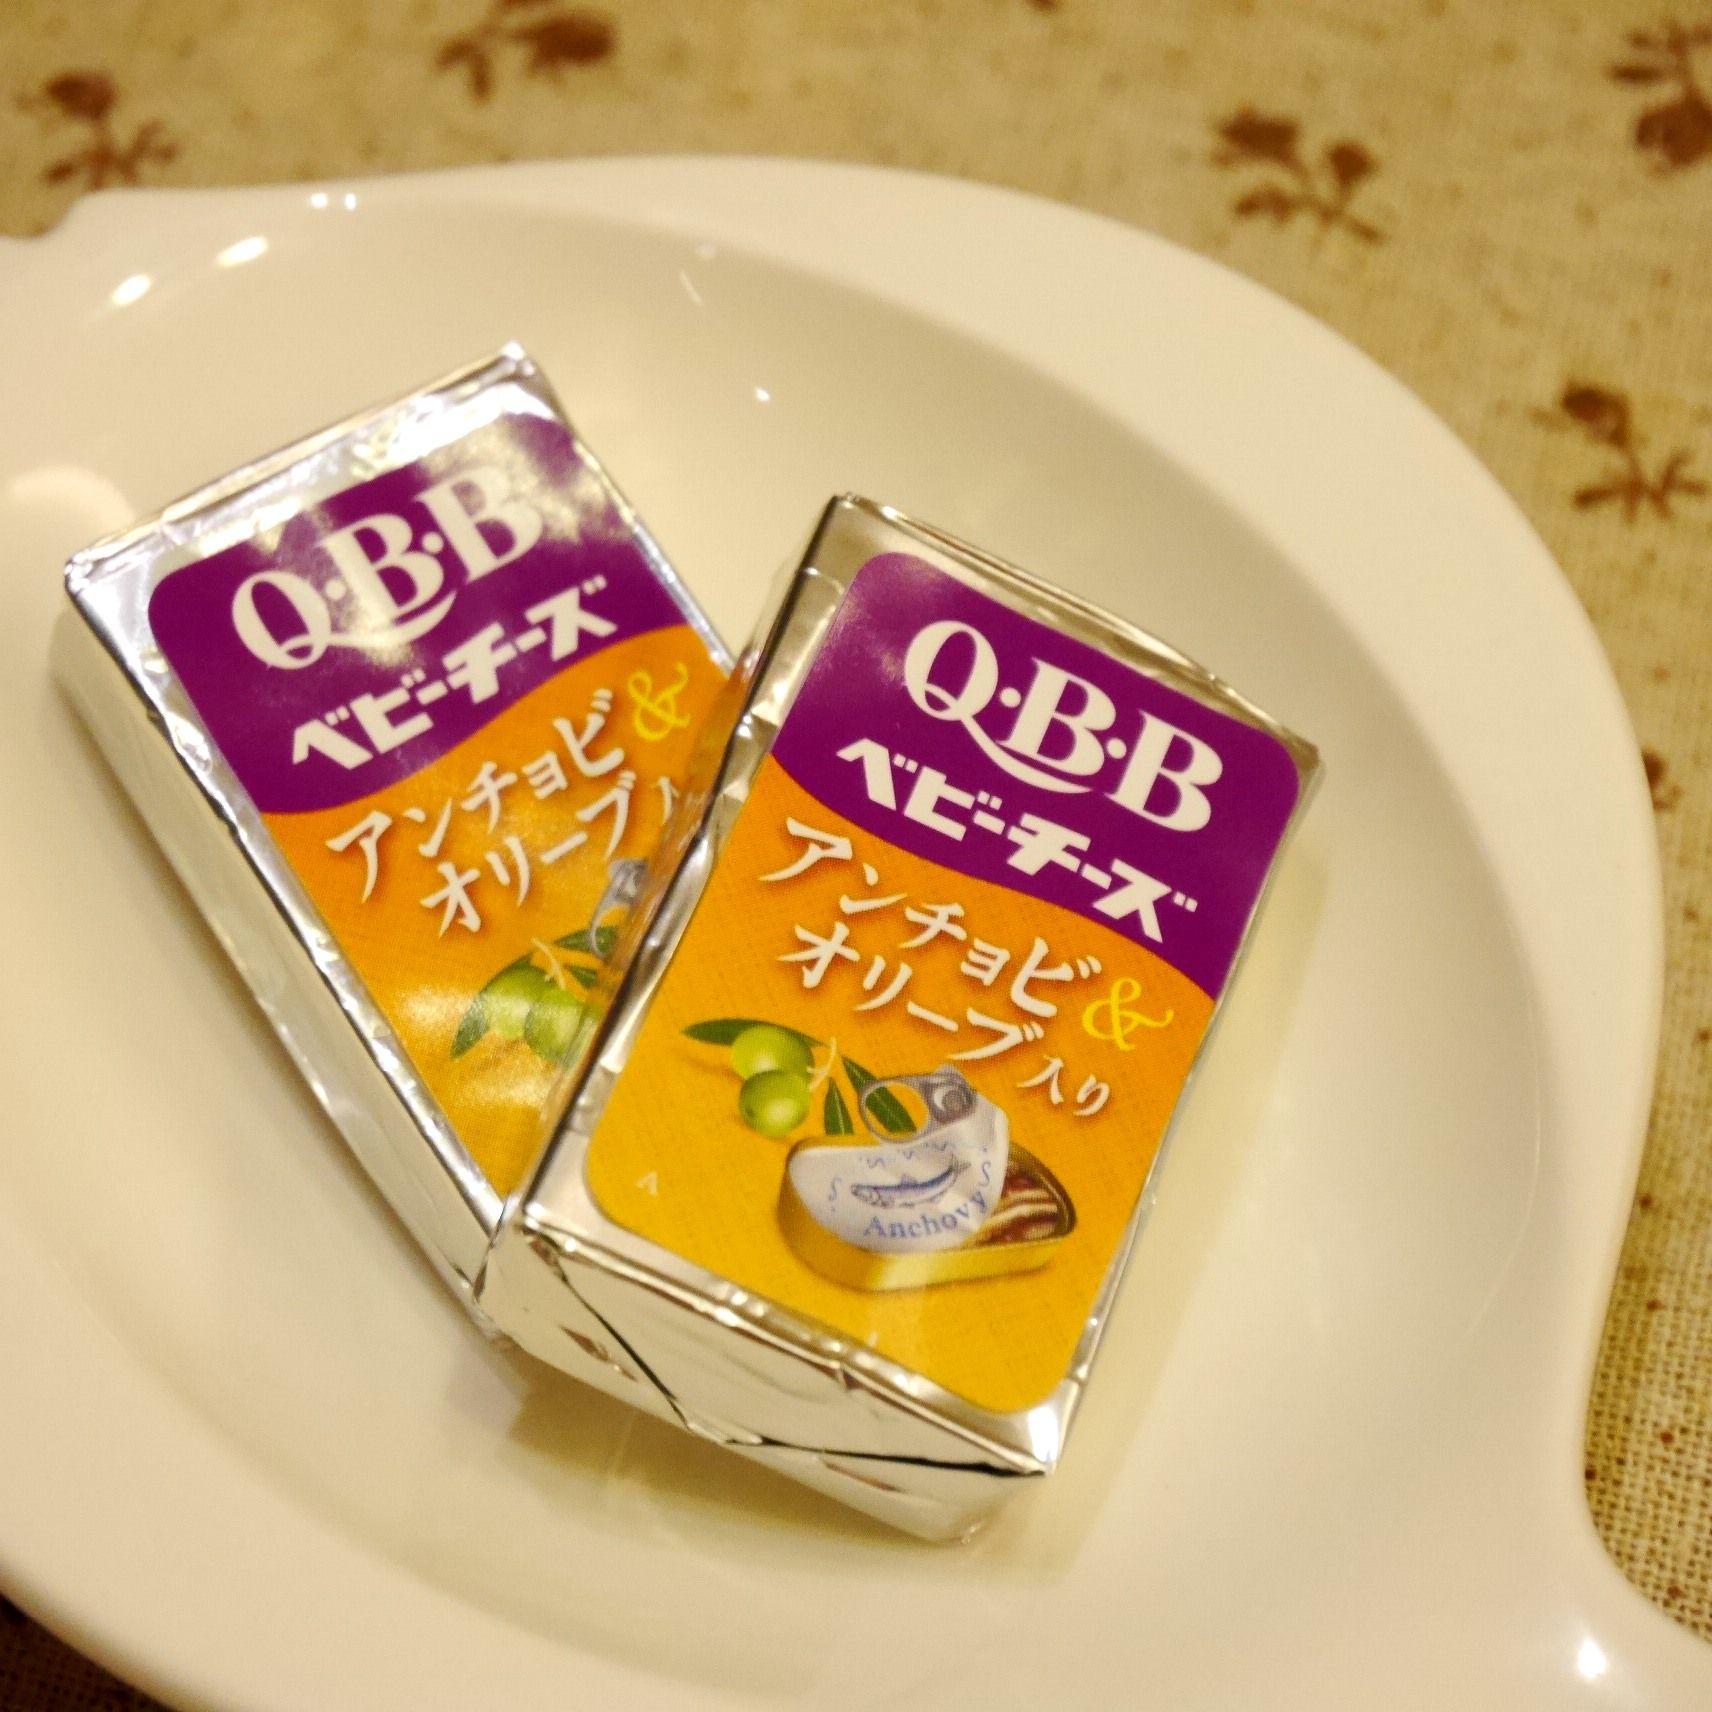 QBBベビーチーズ_アンチョビオリーブ個包装